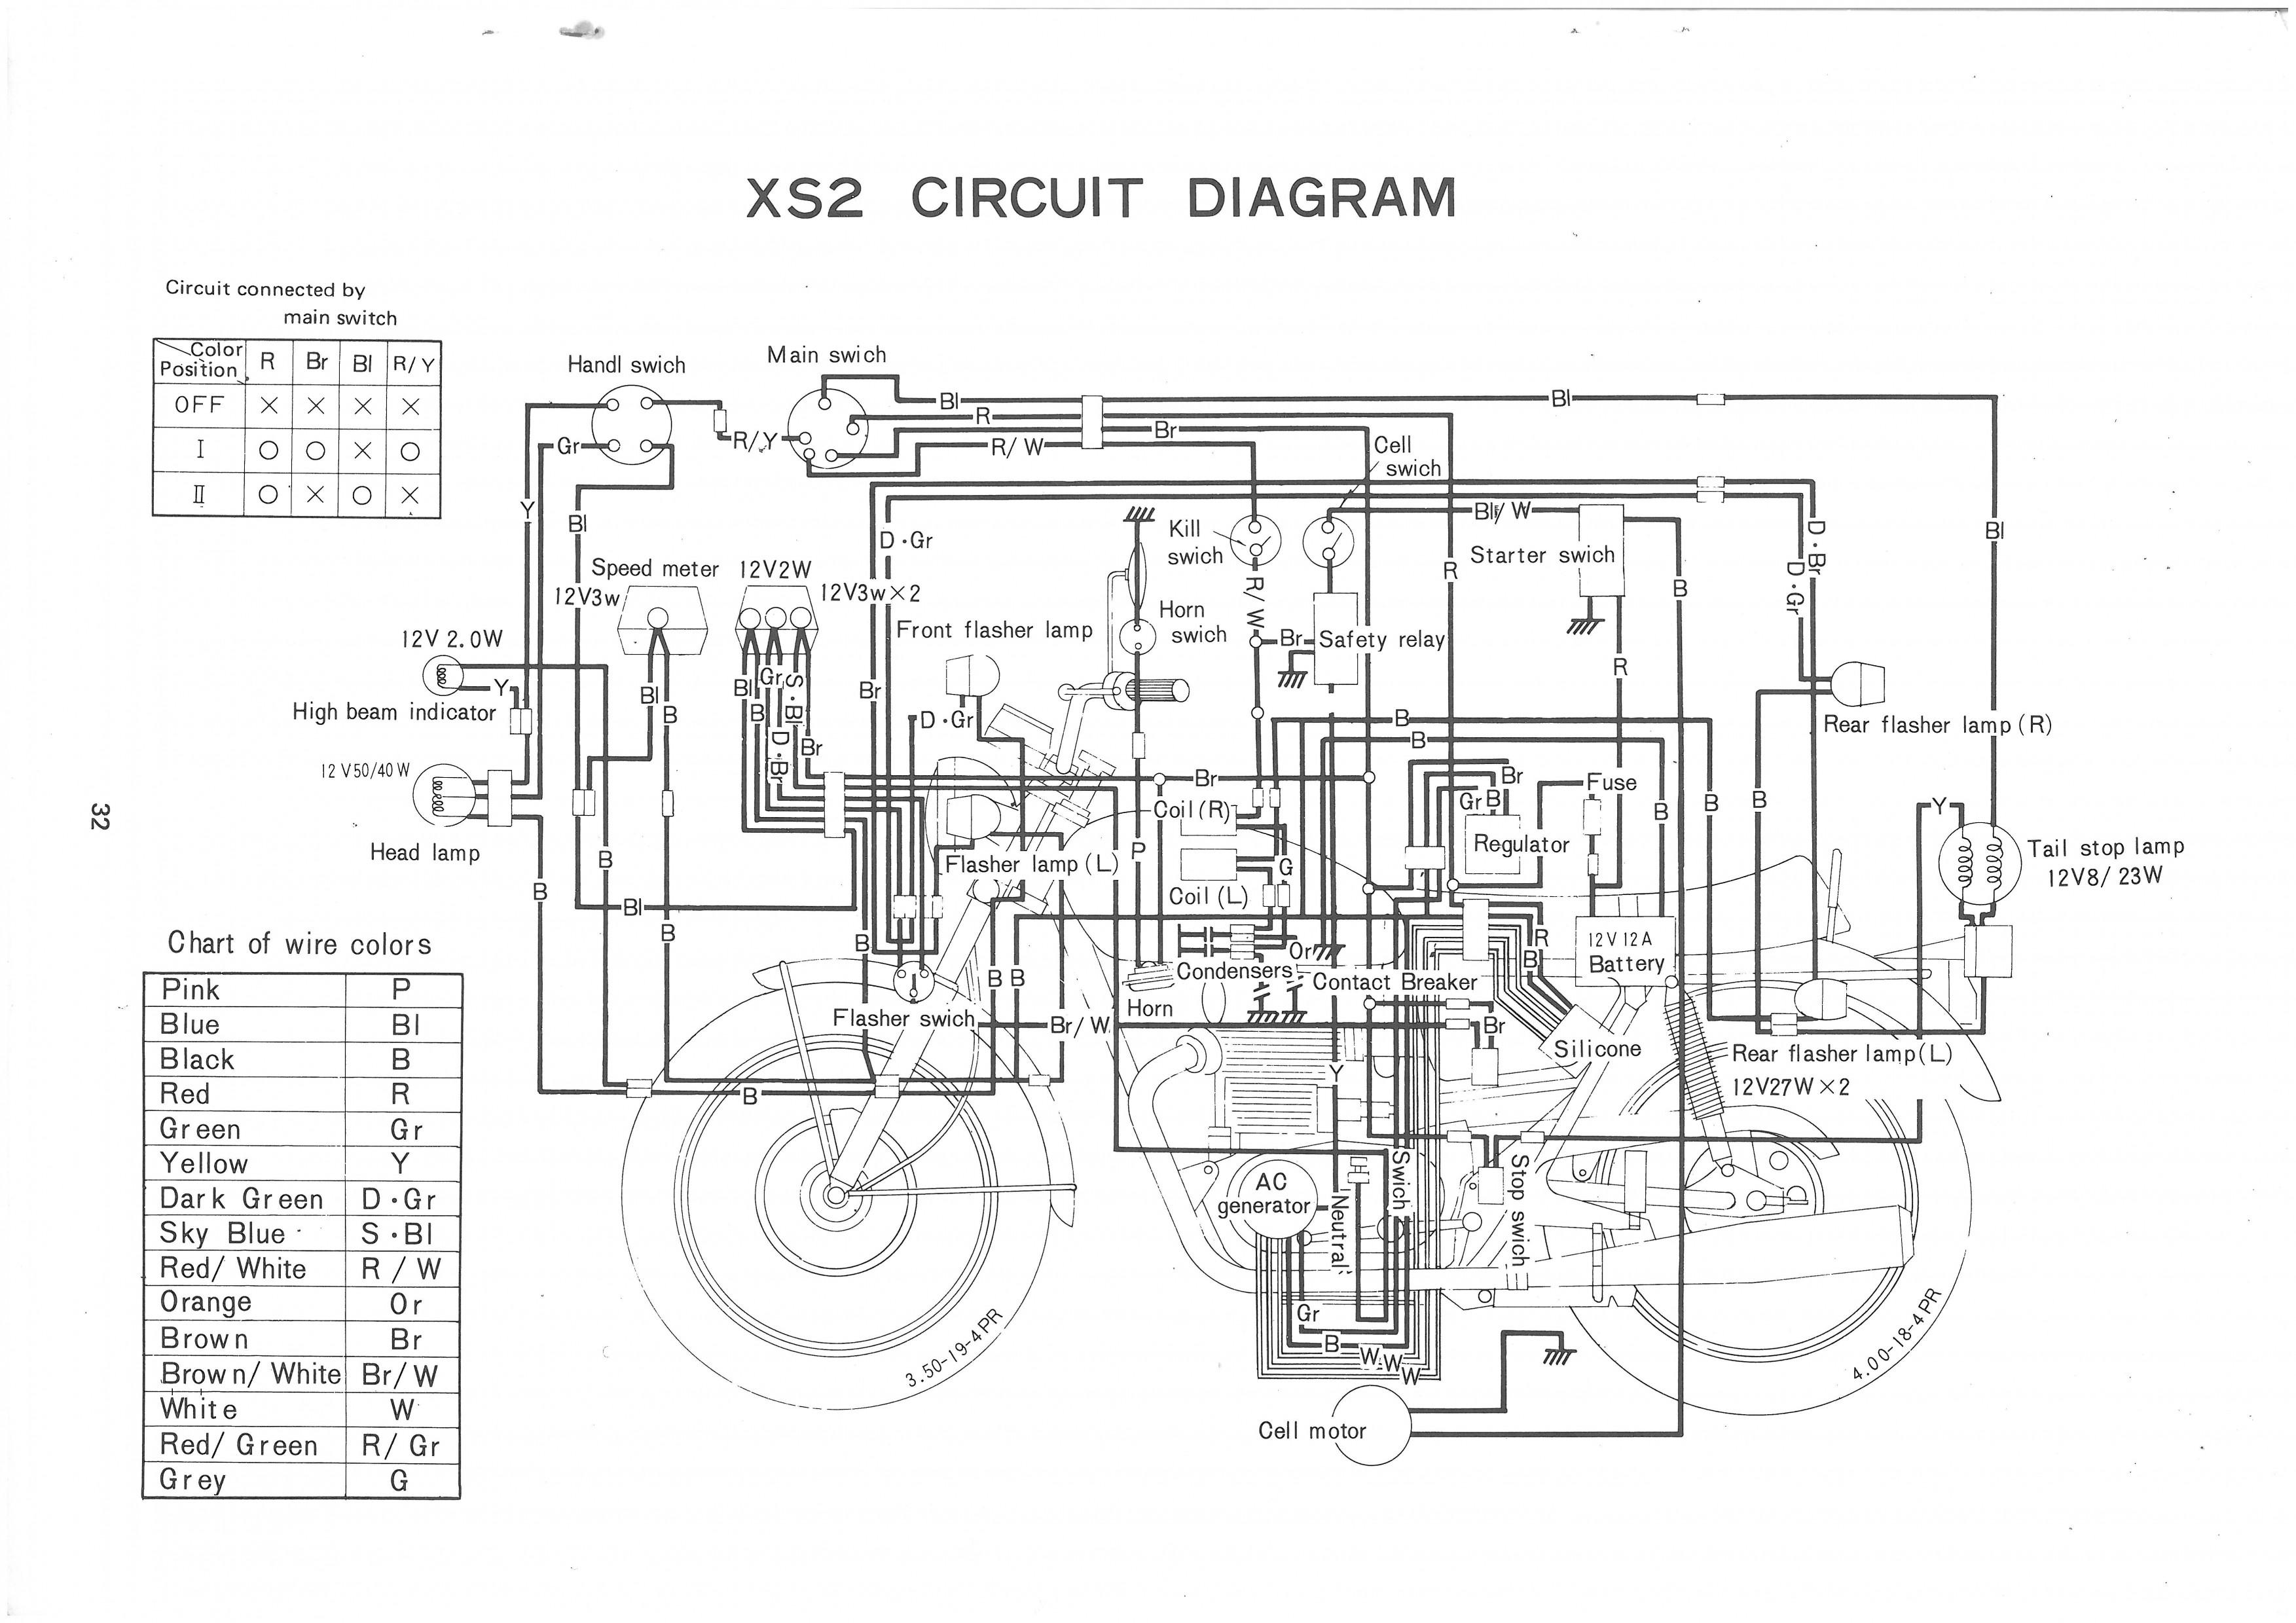 Diagram 1977 Yamaha Xs 650 Wiring Diagram Full Version Hd Quality Wiring Diagram Ebikewiringdiagram Triestelive It